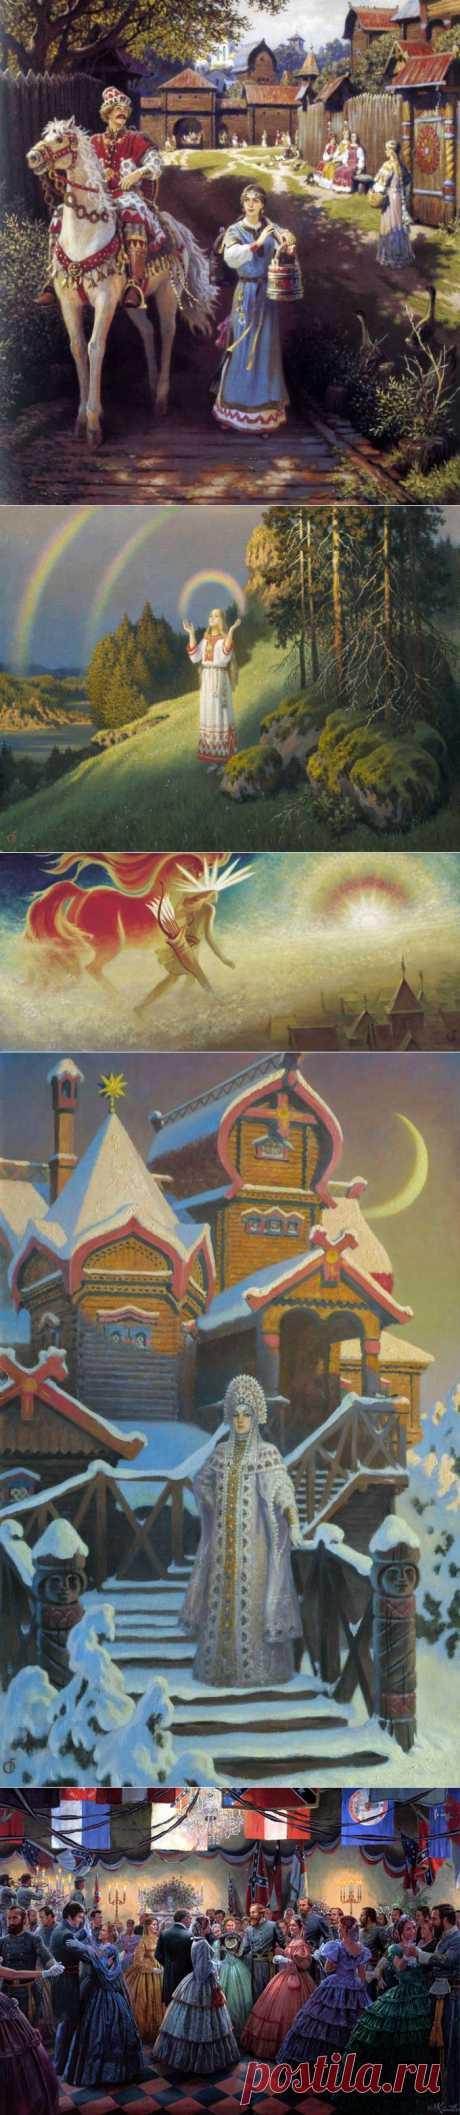 Картины Бориса Ольшанского